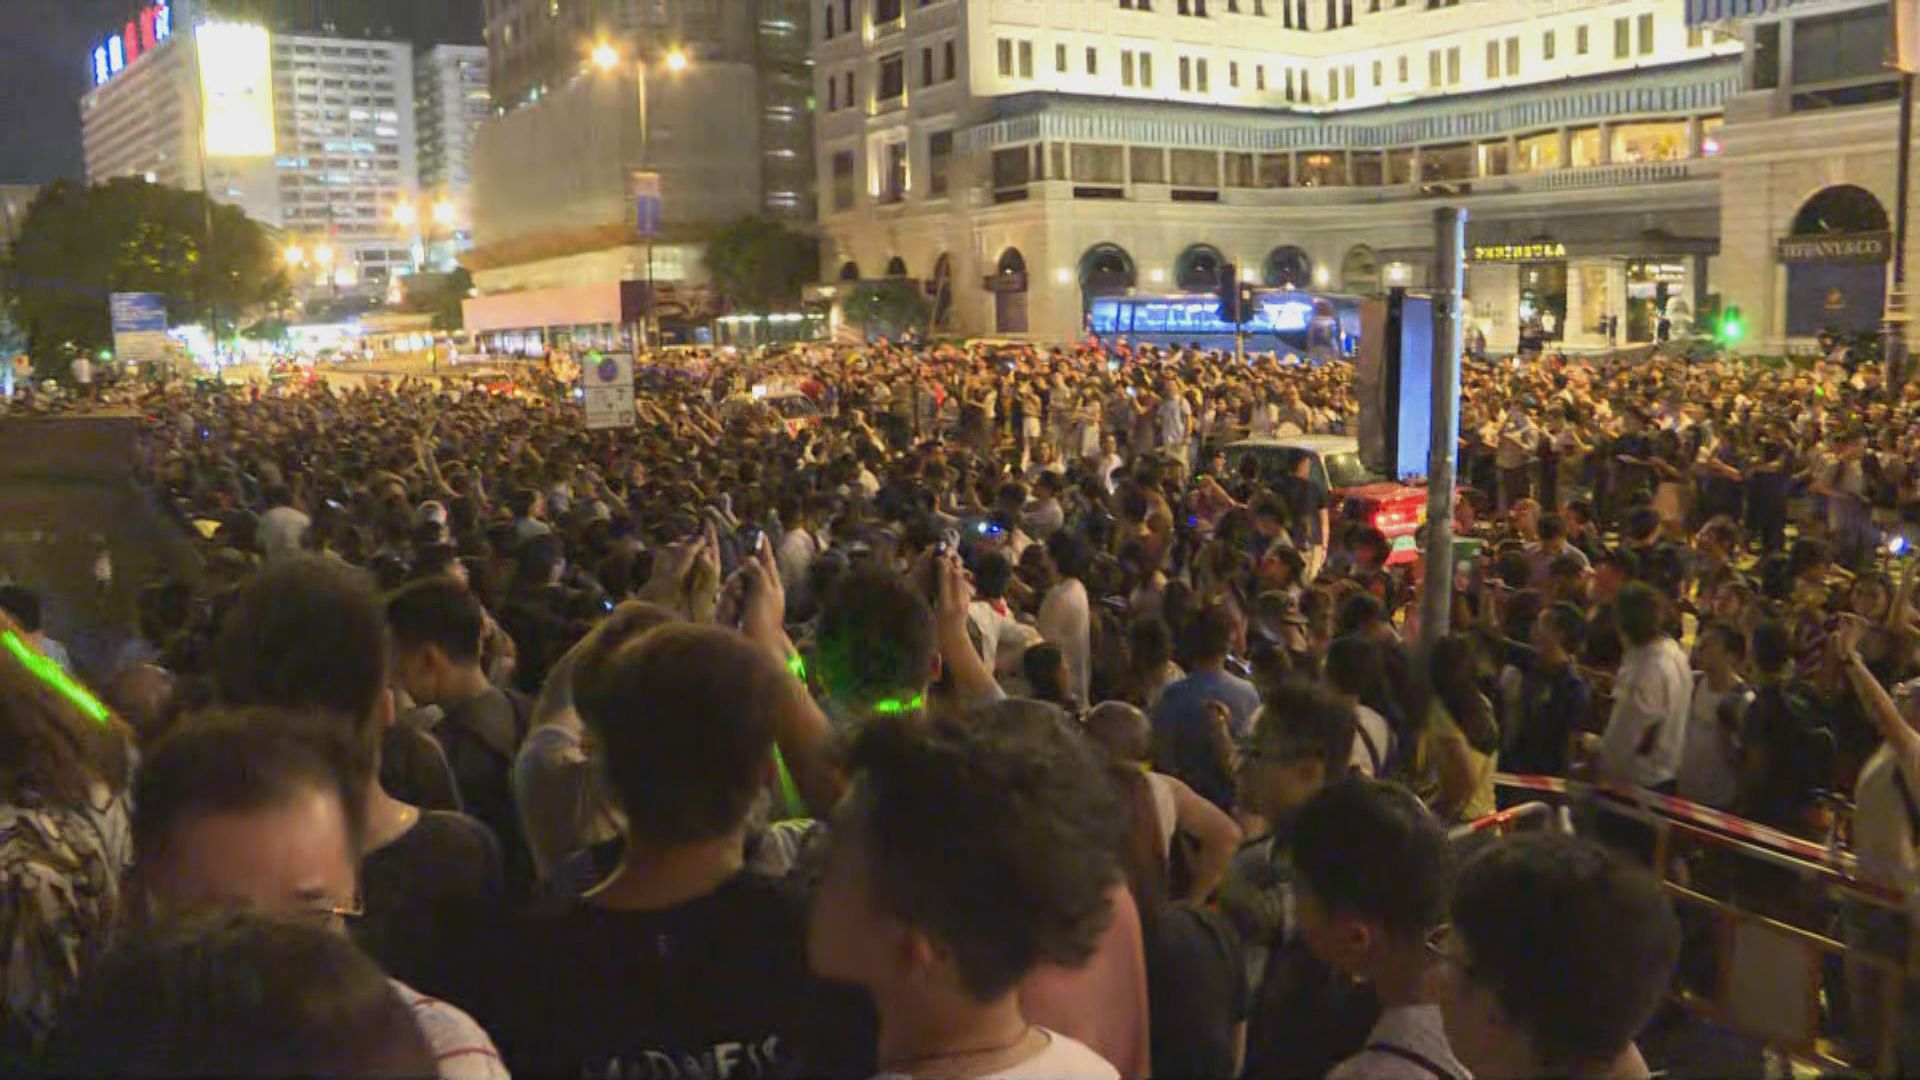 近千人太空館外參加觀星活動